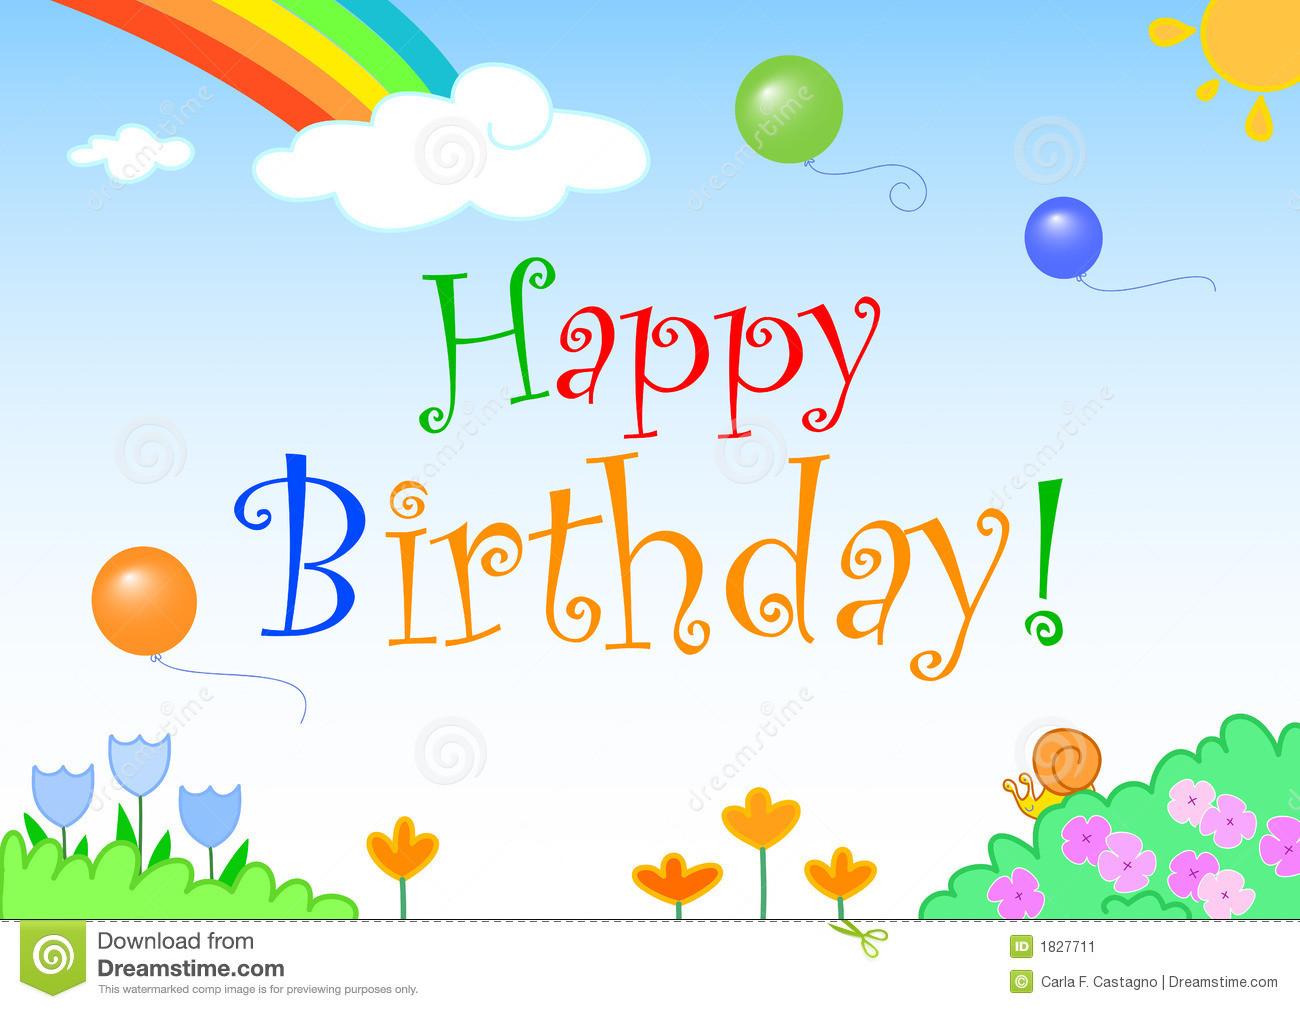 Die Besten Ideen Für Geburtstagswünsche Kind 3 - Beste